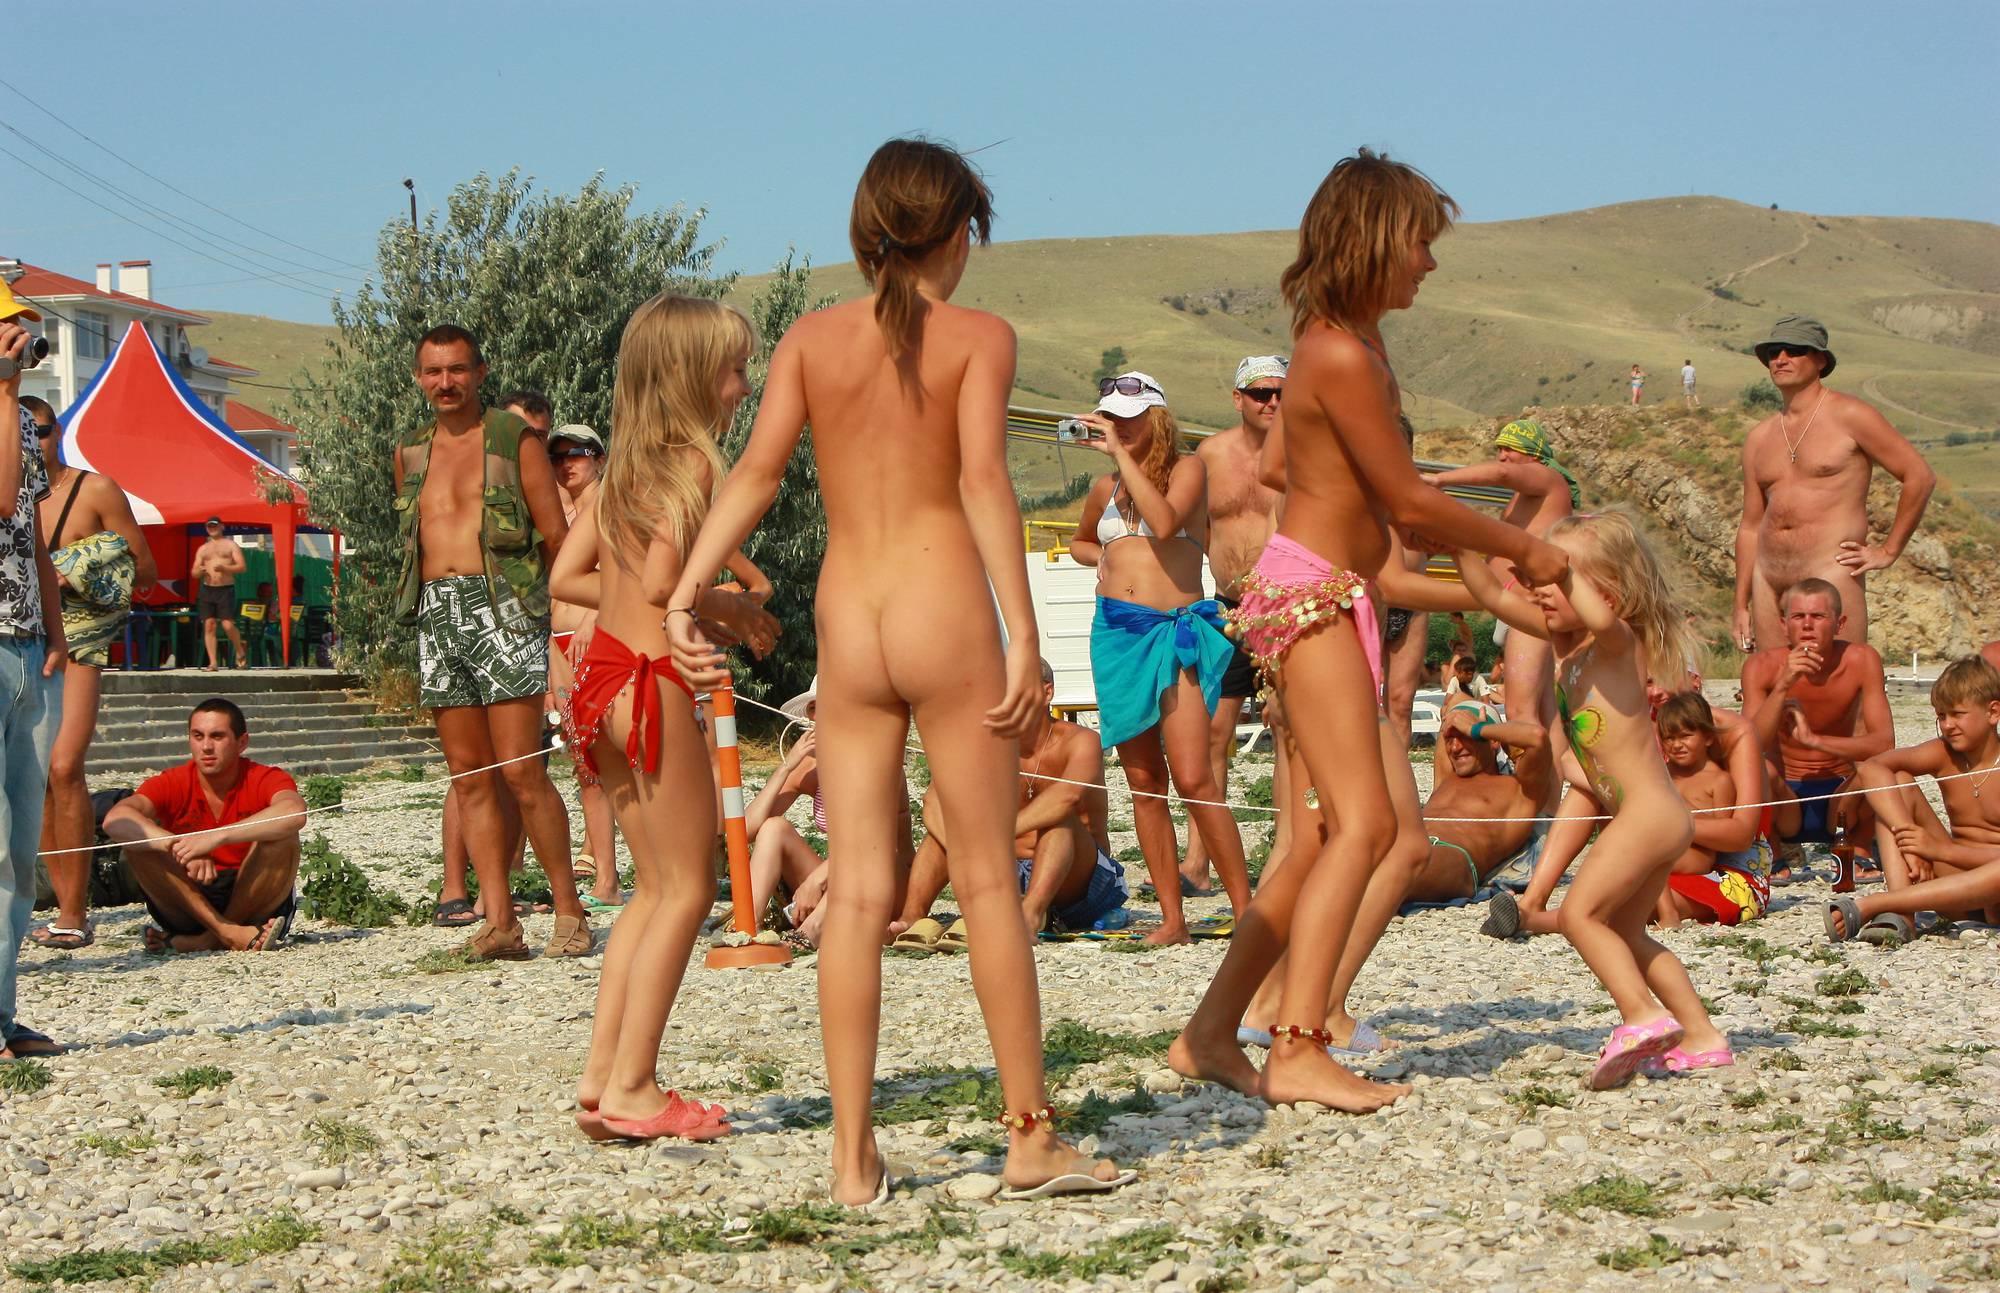 Purenudism Children's Group Dancing - 1